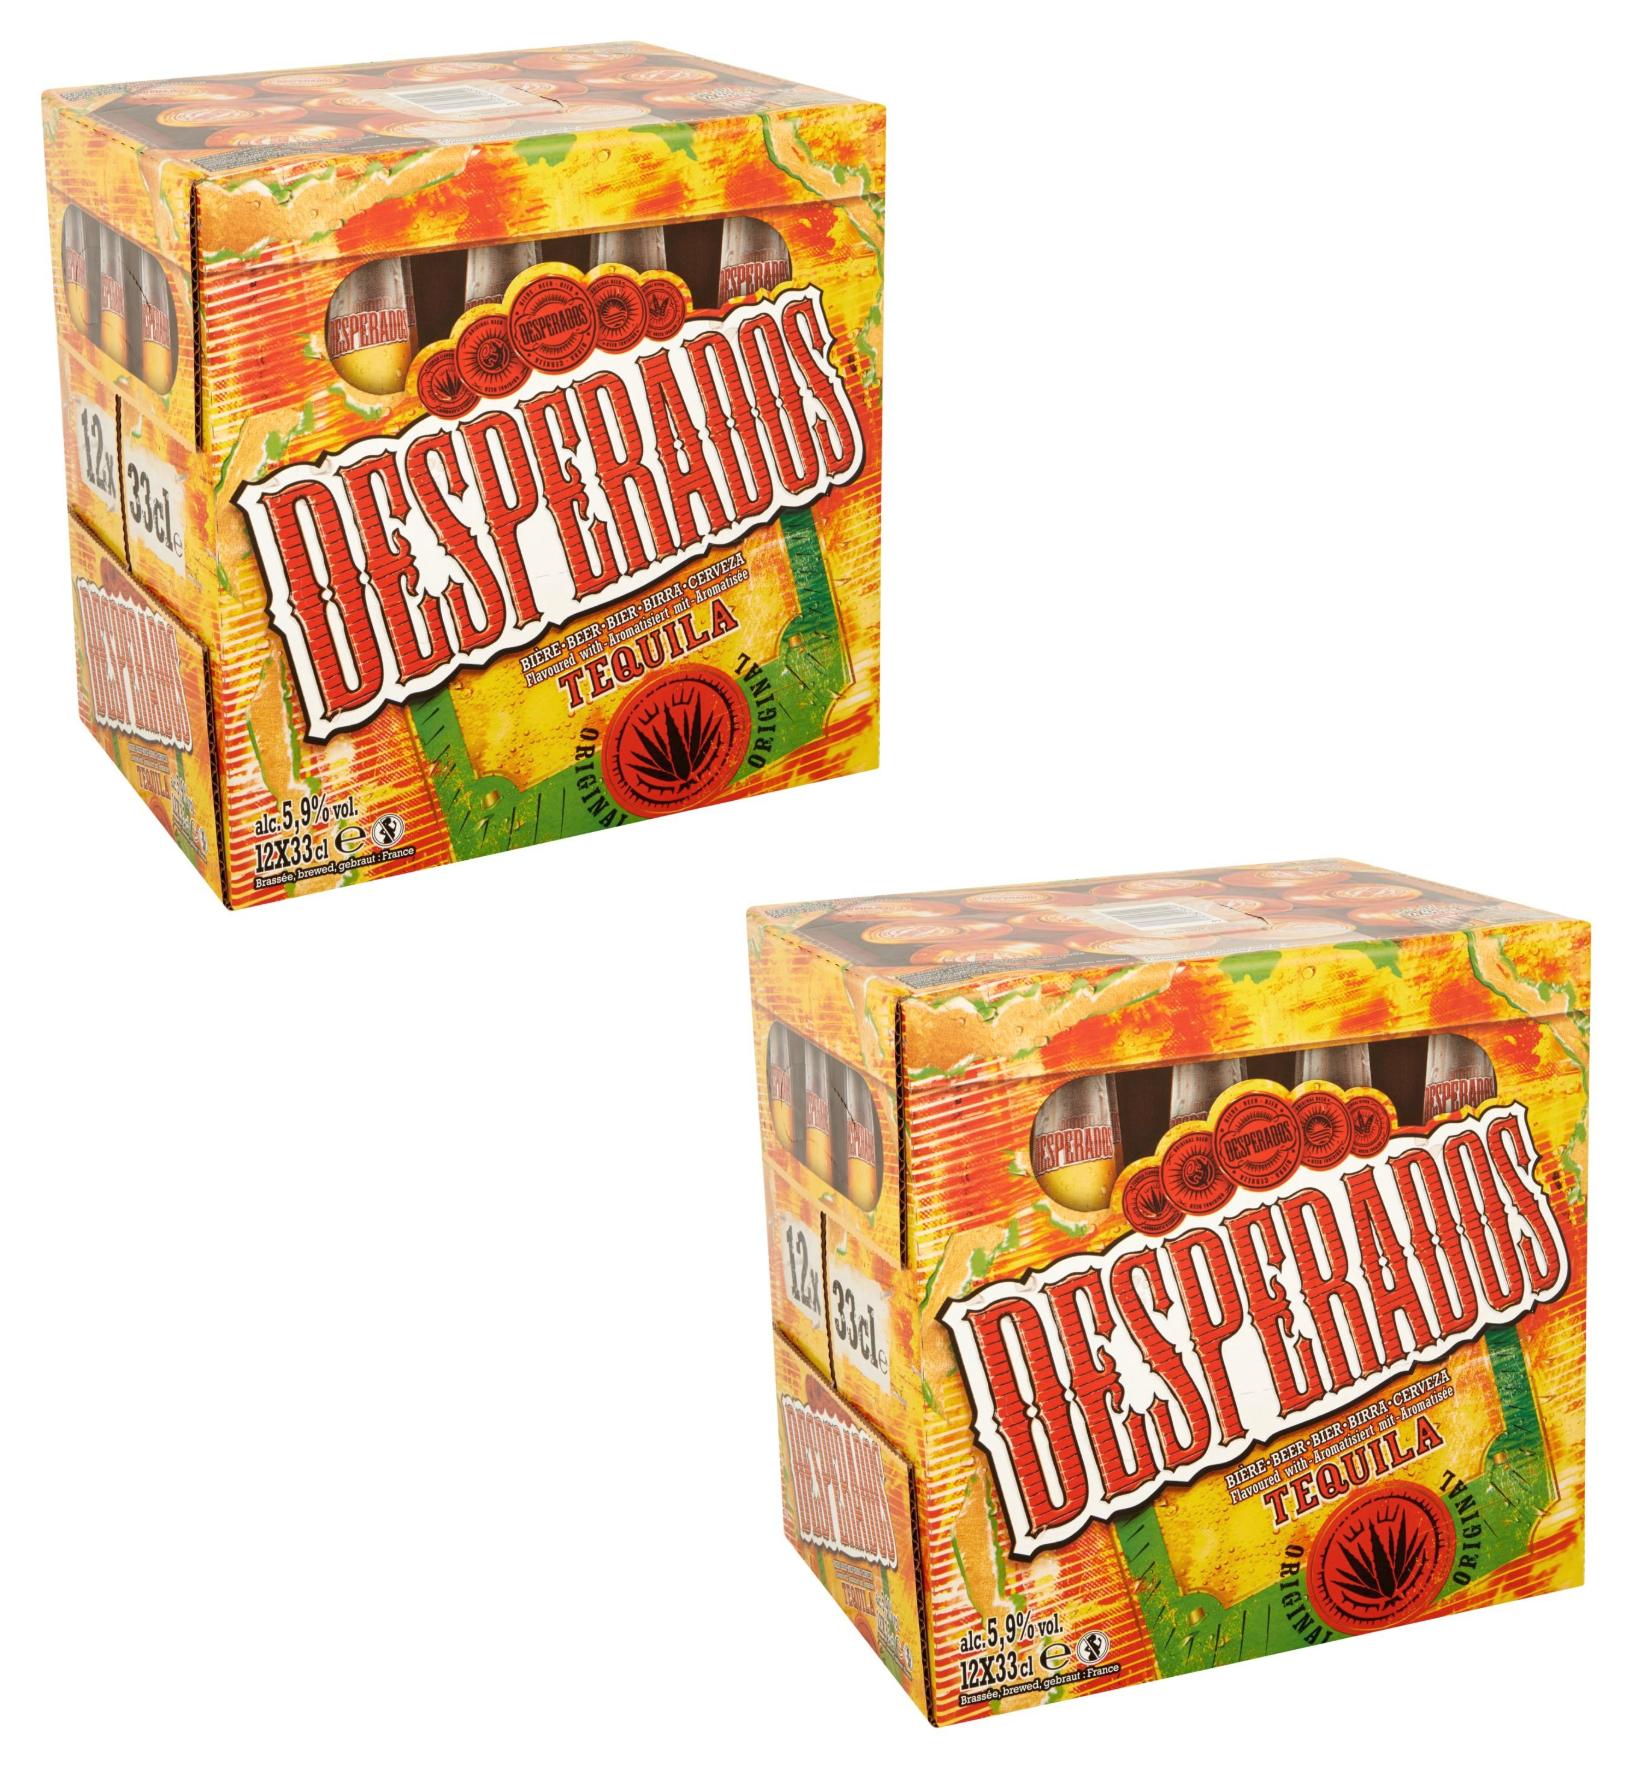 Sélection de bières en promotion - Ex : 2 packs de 12 bouteilles de Bière aromatisée Téquila Desperados (24 x 33 cl)